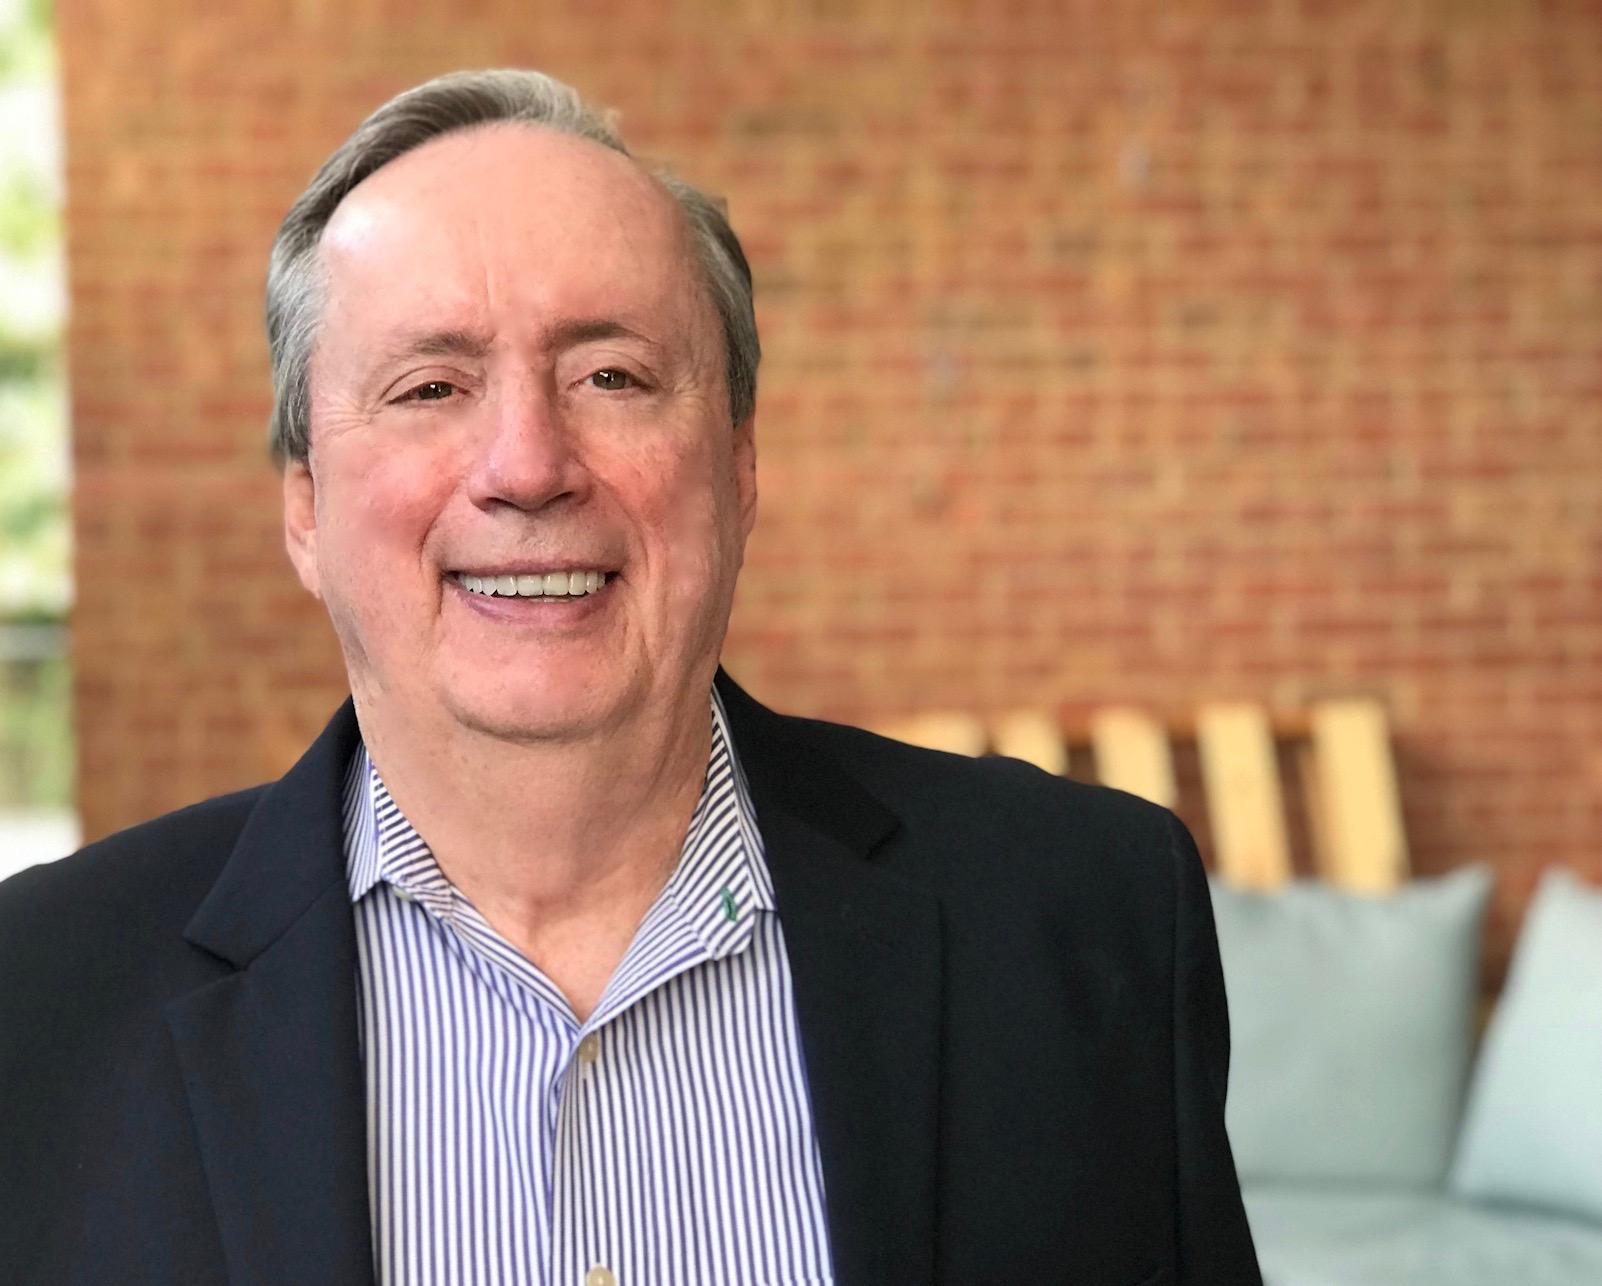 Pastor Bill Henneberg